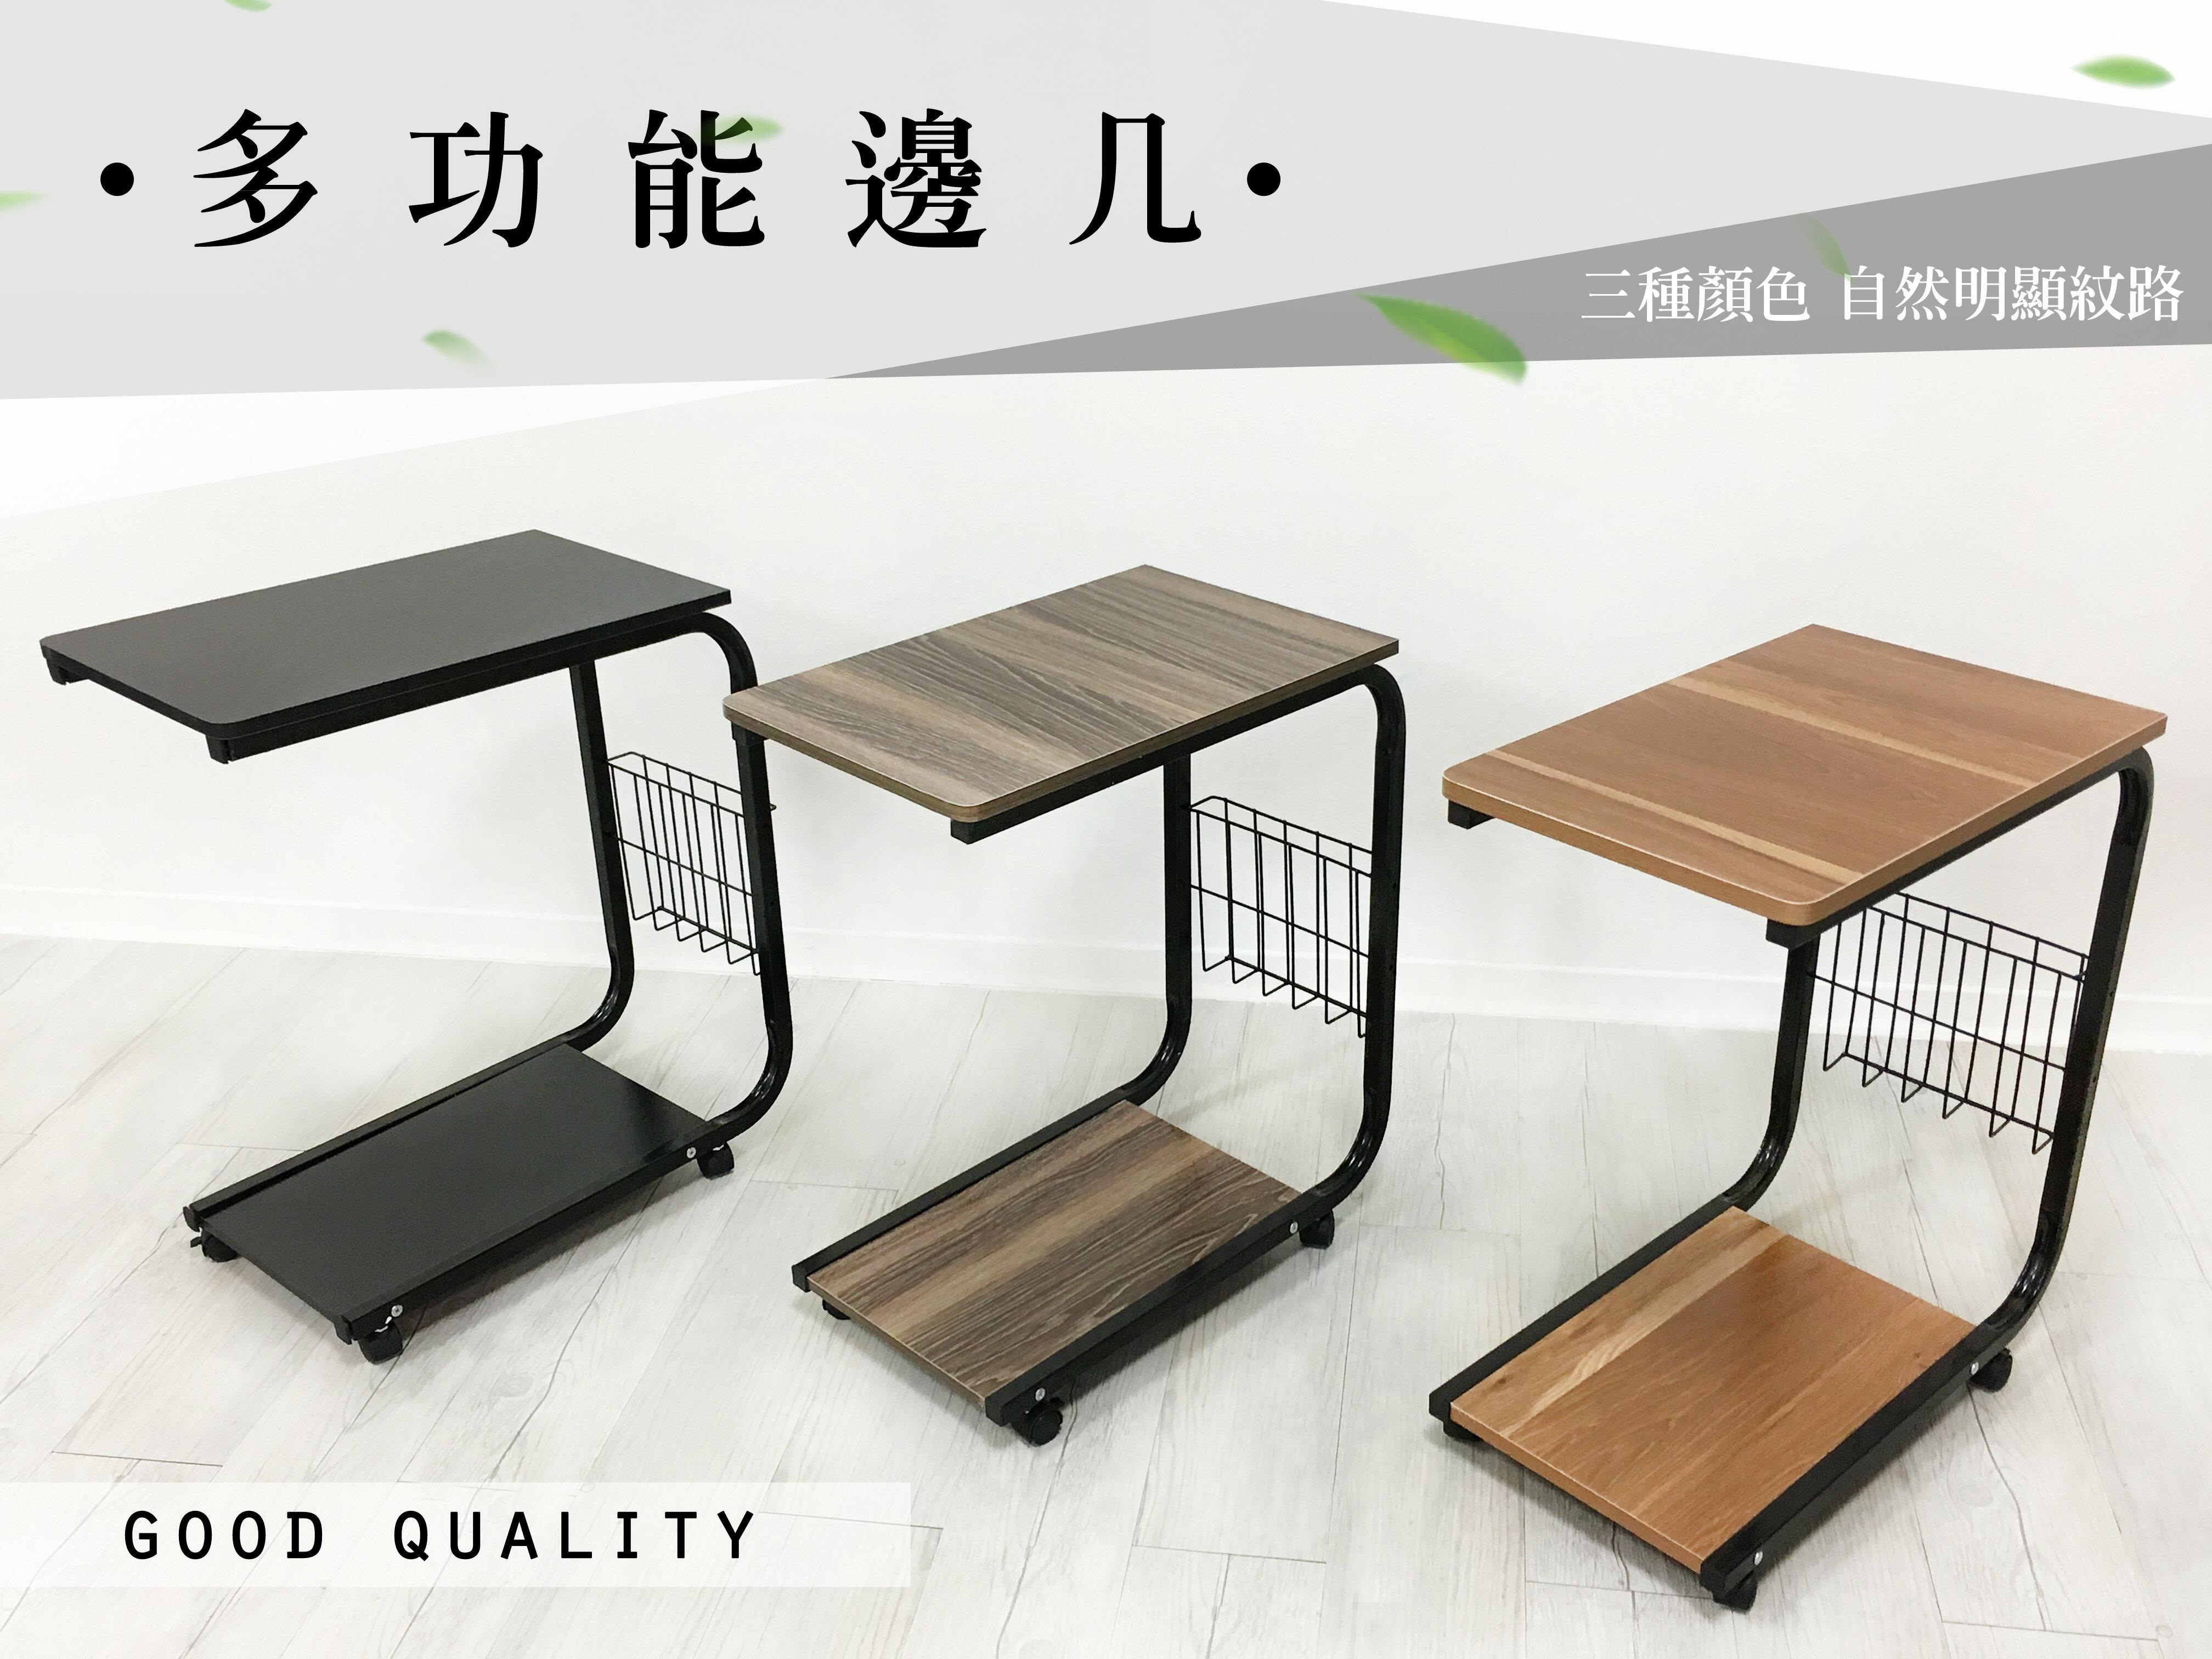 !新生活家具!《卡特》DIY 茶几 邊几 小茶几 木紋茶几 鐵腳 滾輪 日式 三色